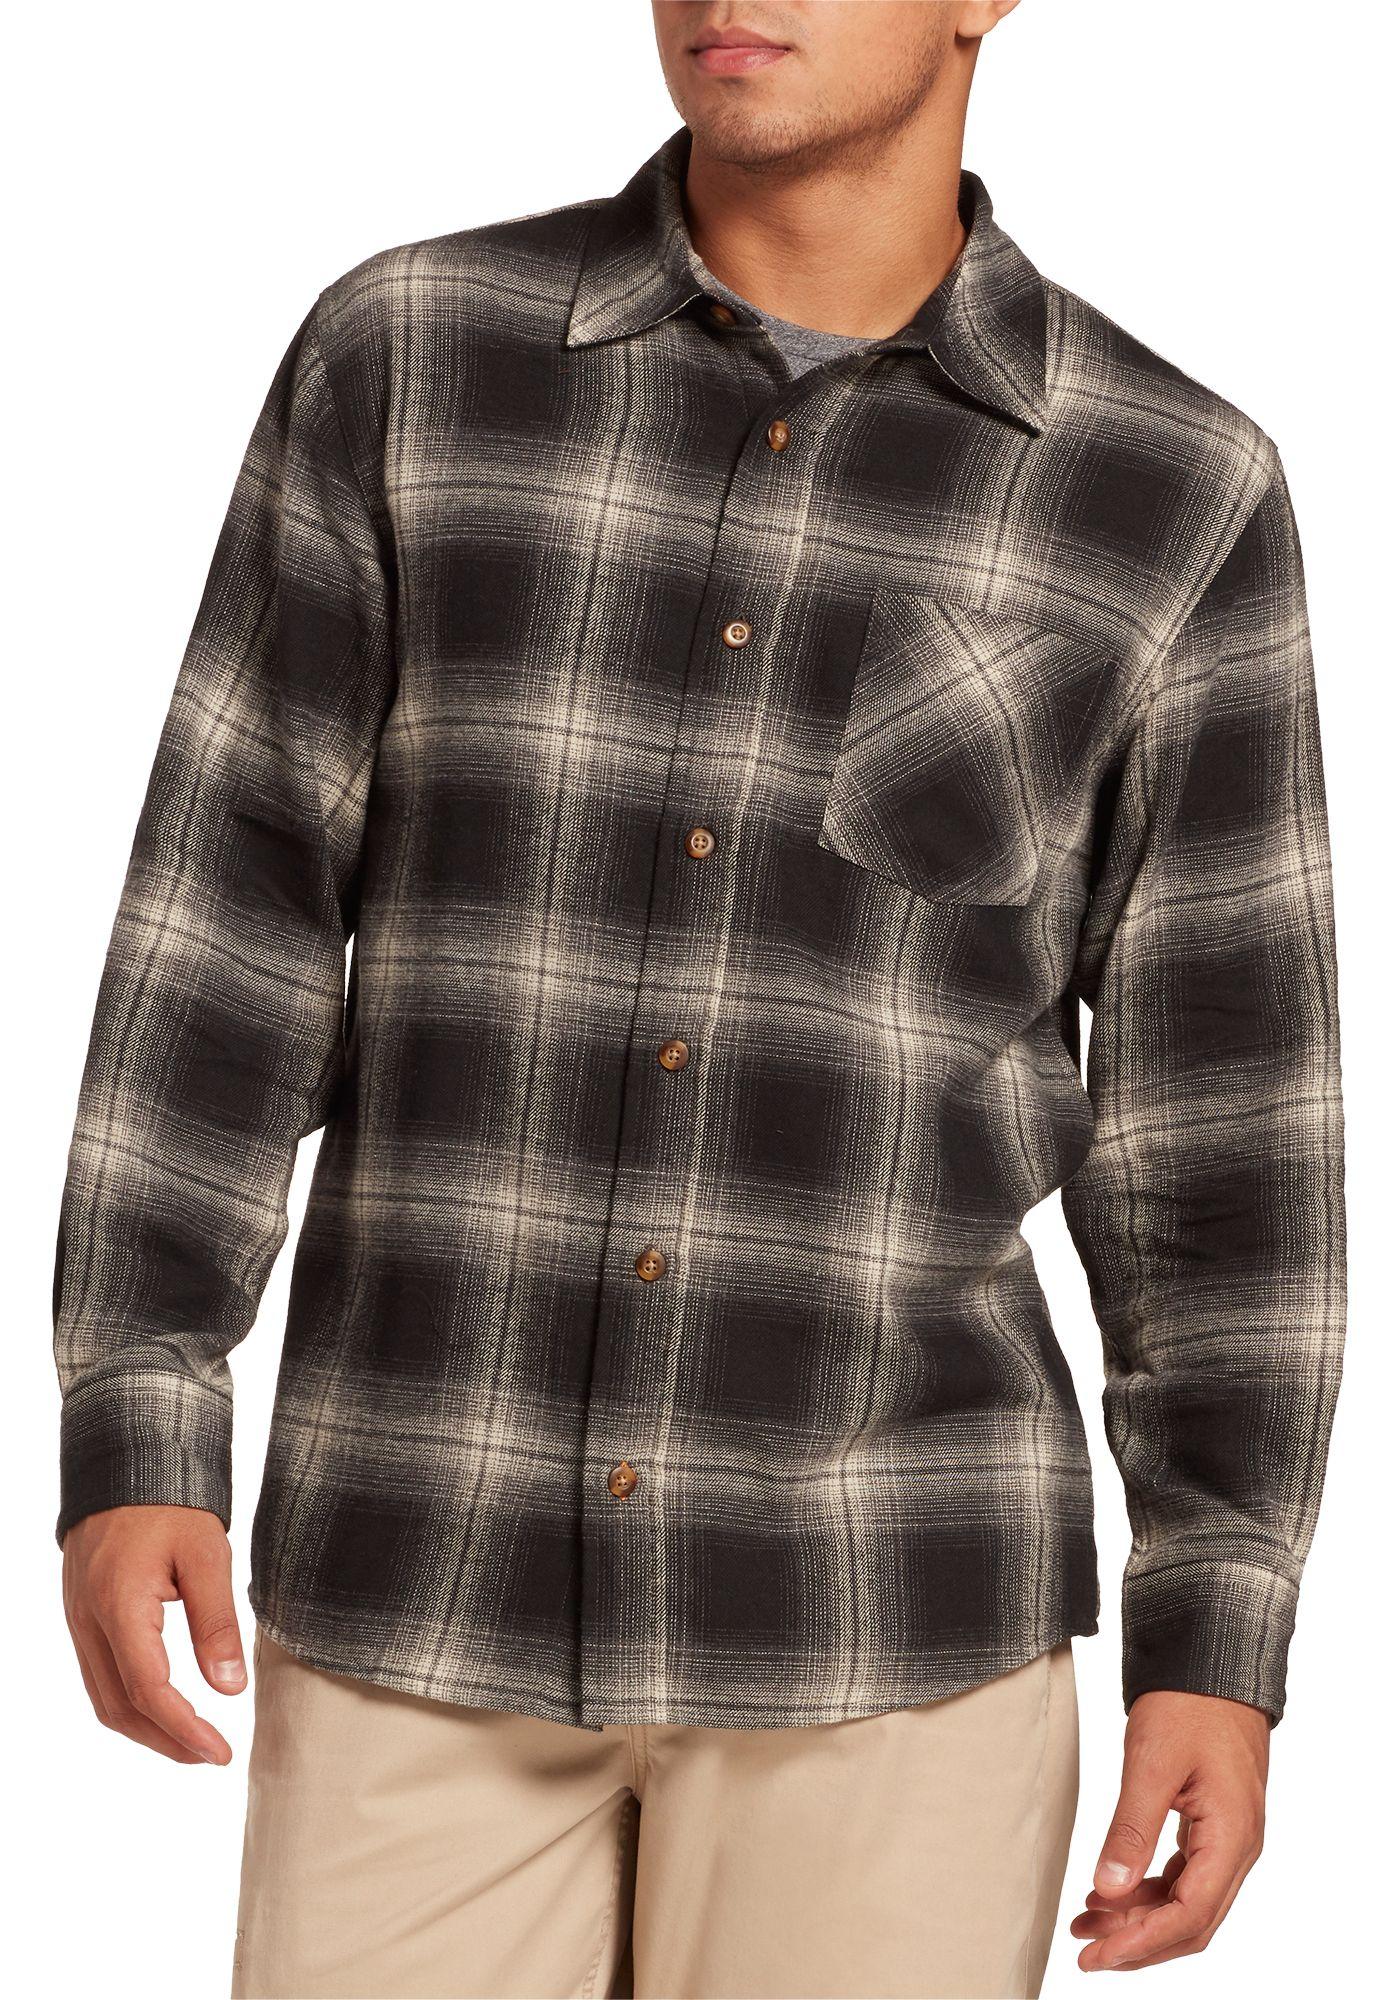 Field & Stream Men's Classic Lightweight Flannel Button Up Long Sleeve Shirt (Regular and Big & Tall)